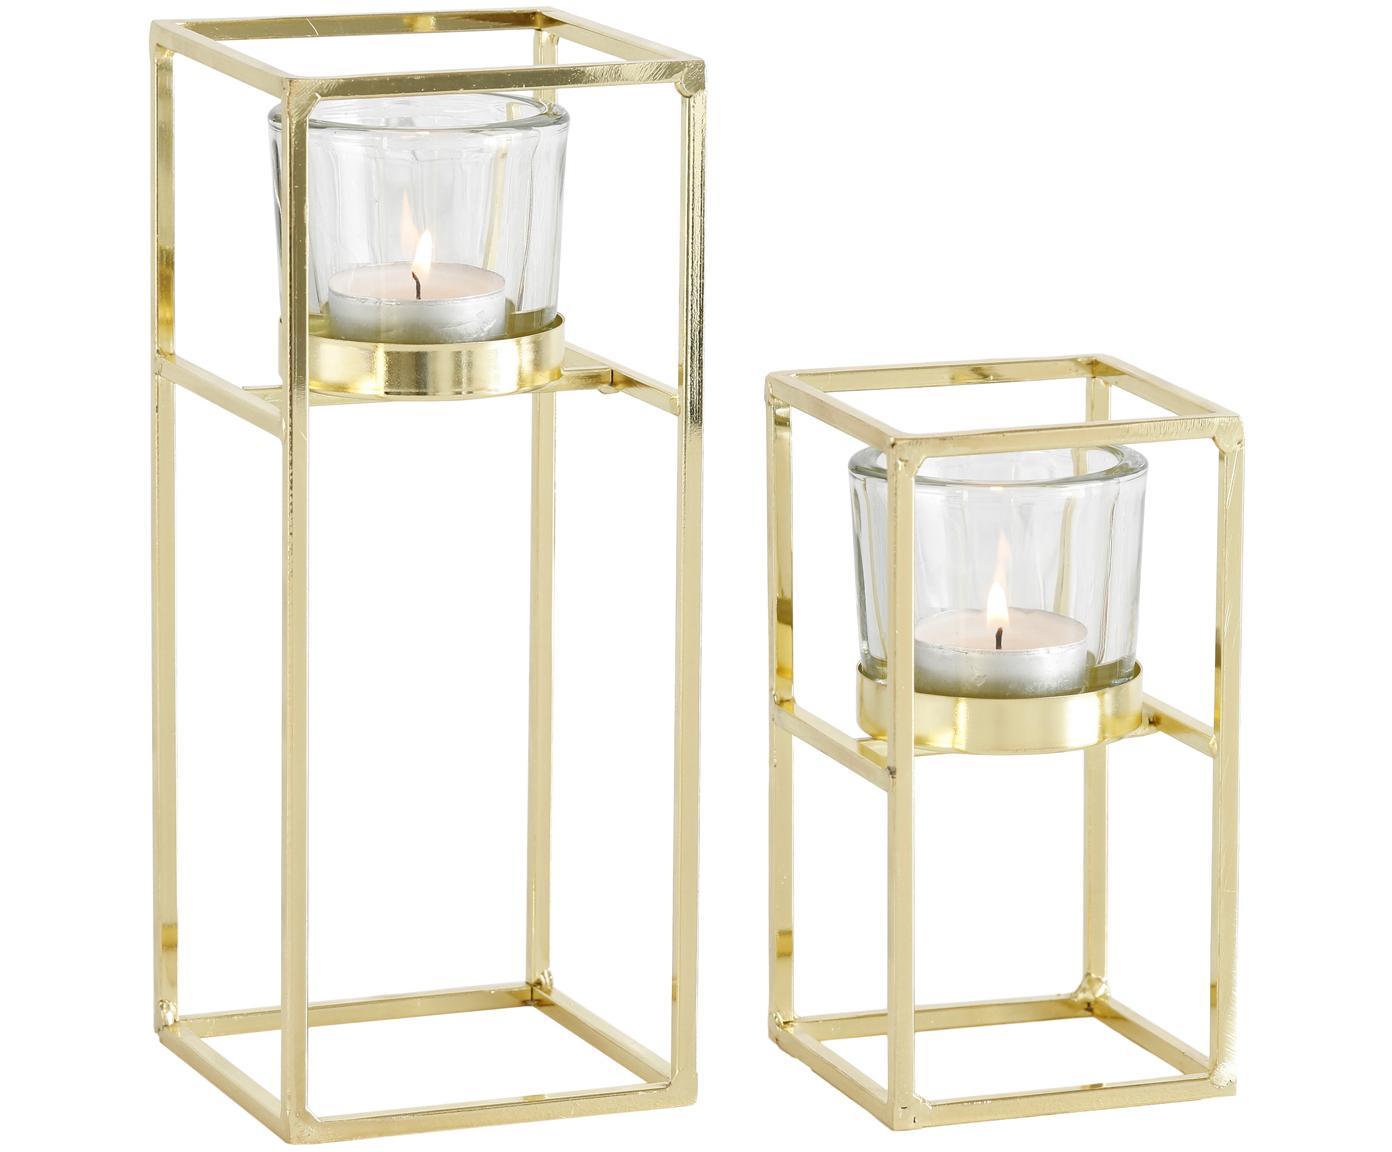 Set portacandele dorati Tomba, 2 pz., Portacandela: vetro, Struttura: metallo rivestito, Trasparente, ottonato, Diverse dimensioni